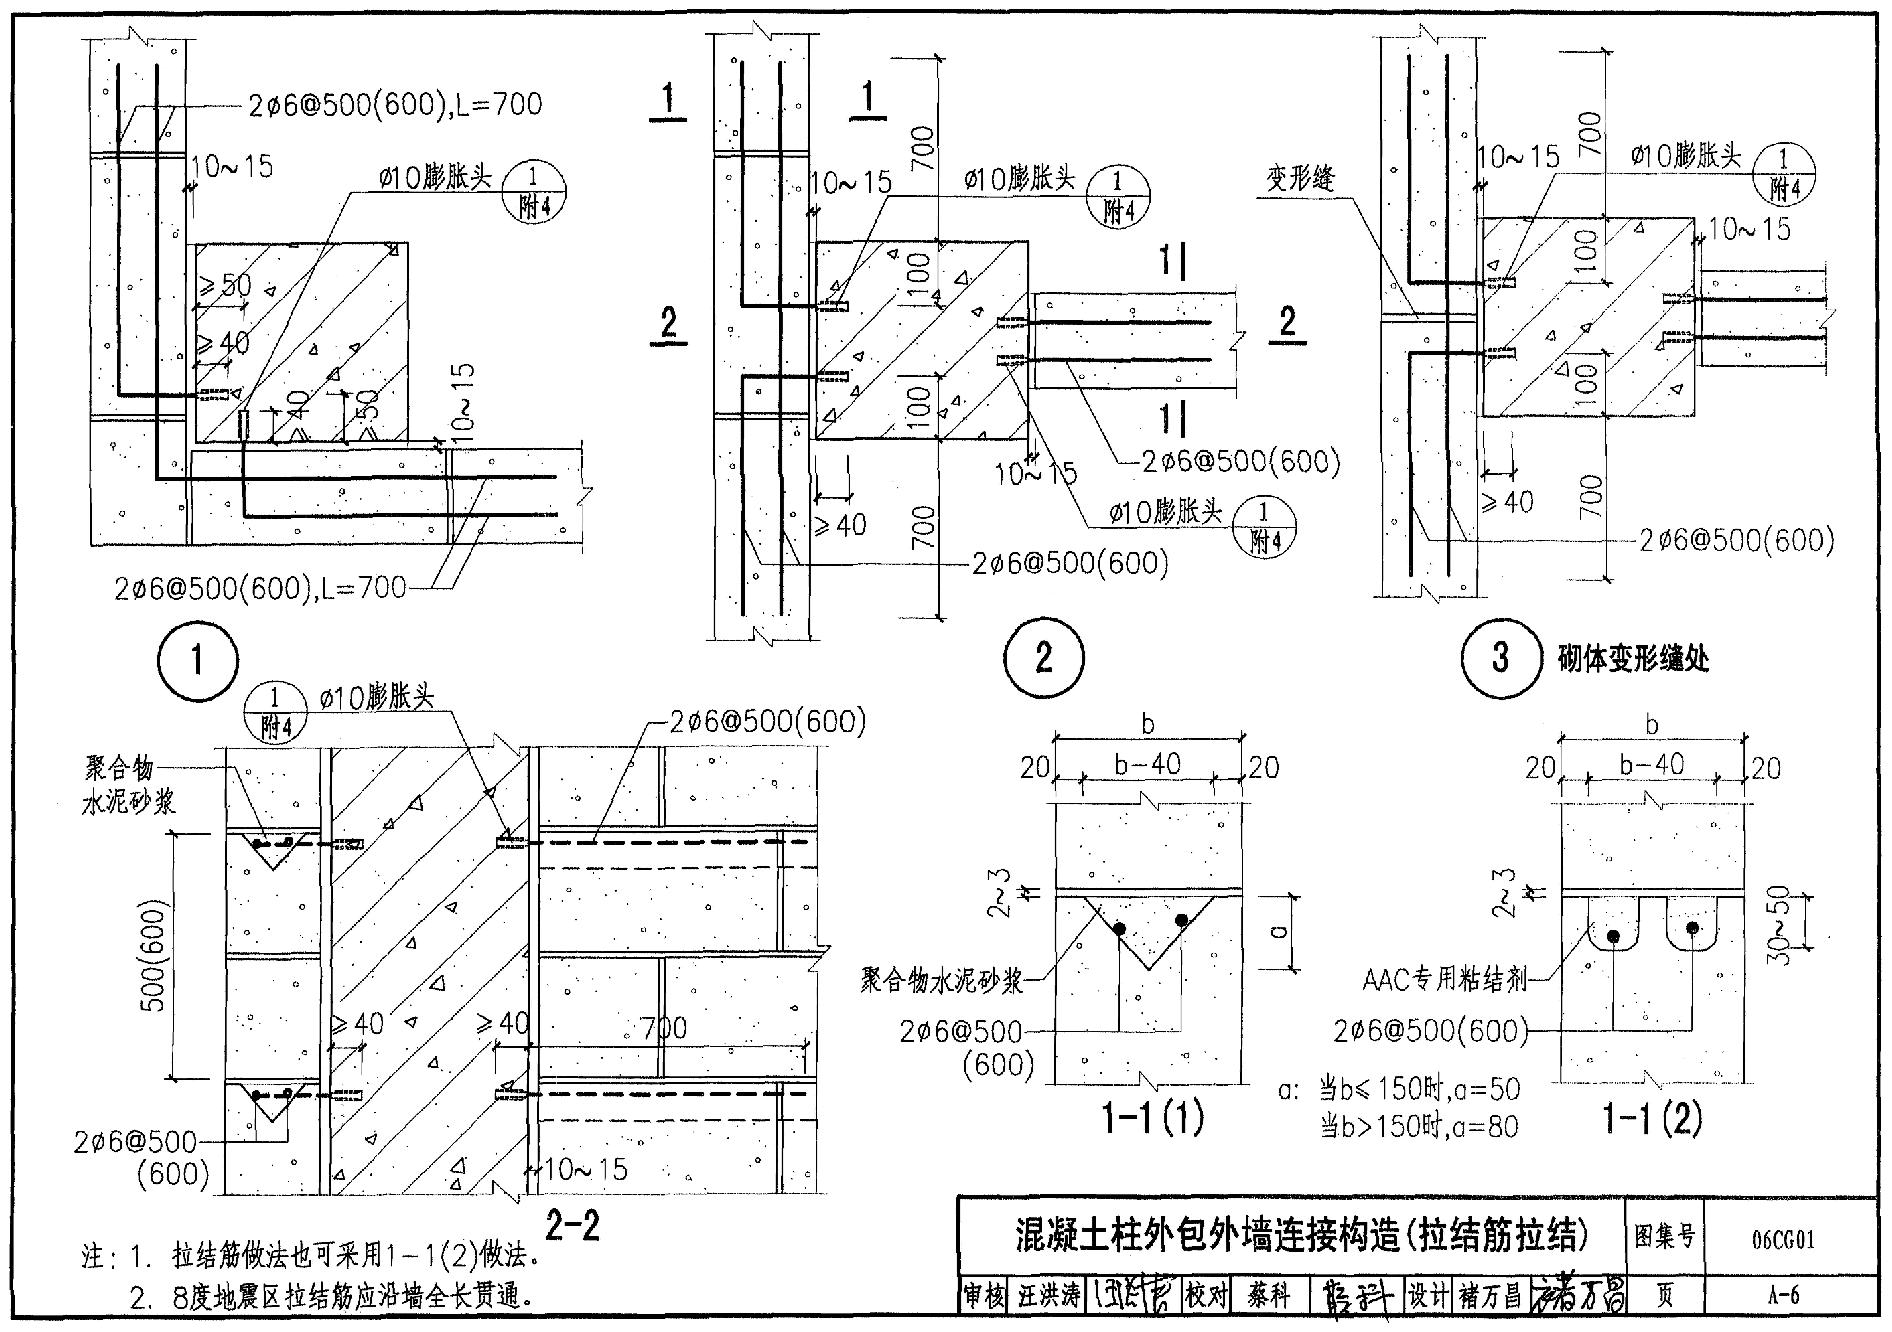 三圾片图集-三级_06cg01蒸压轻质砂加气混凝土(aac)砌块和板材结构构造图集pdf完整高清